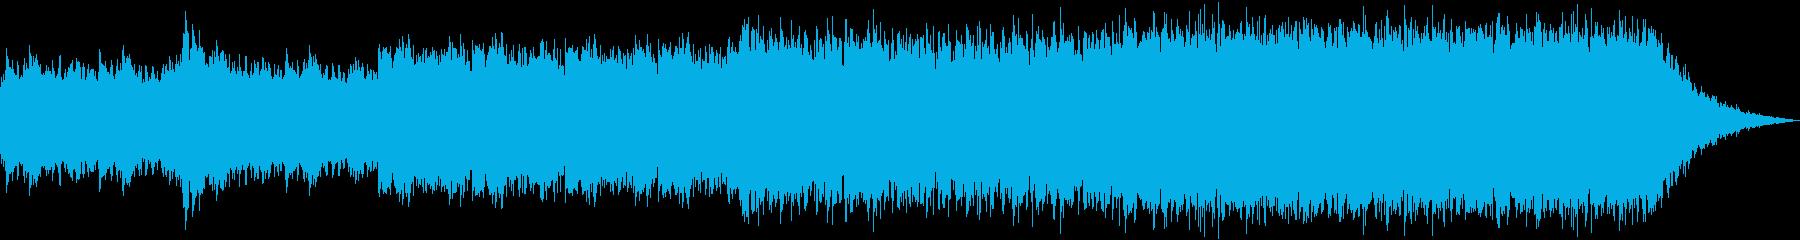 ロックオーケストラ 始まりの再生済みの波形